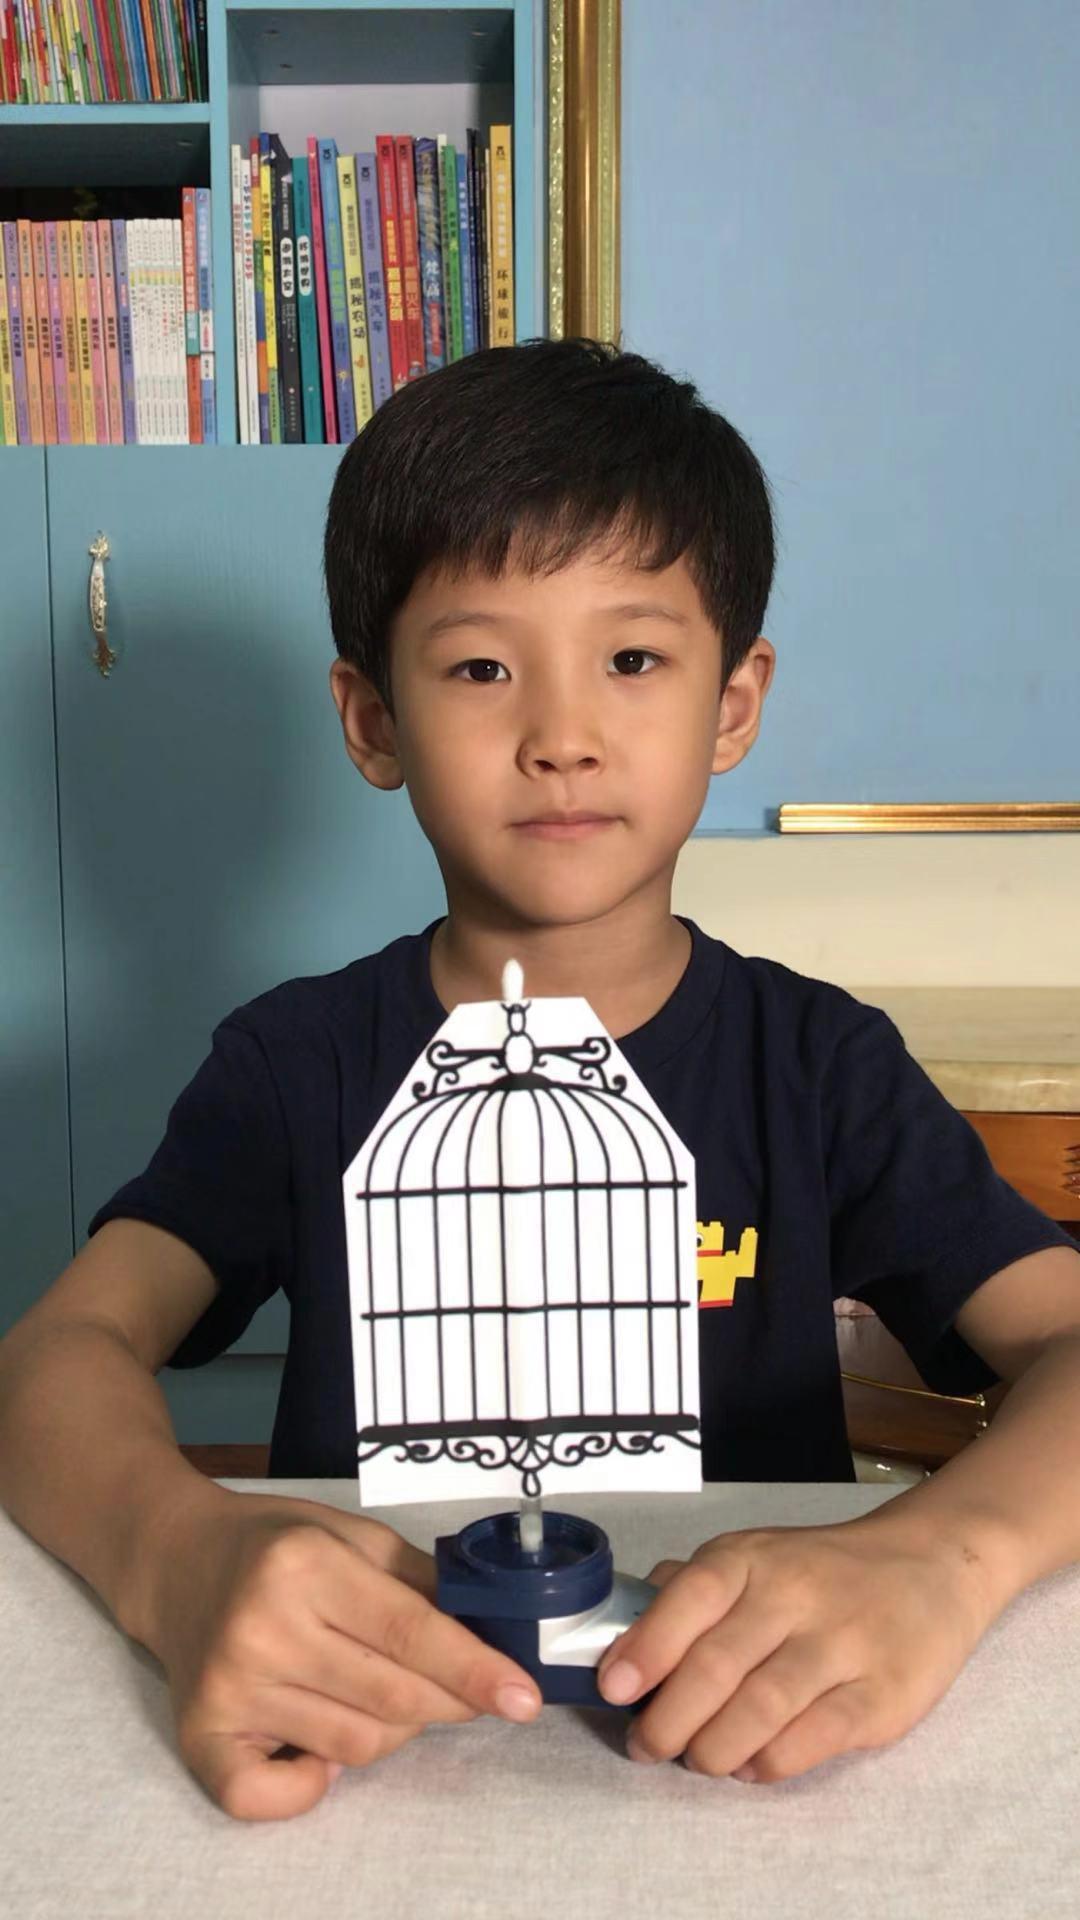 """Choáng với """"gia tài"""" hơn 100 video thí nghiệm của bé trai 7 tuổi - ảnh 1"""